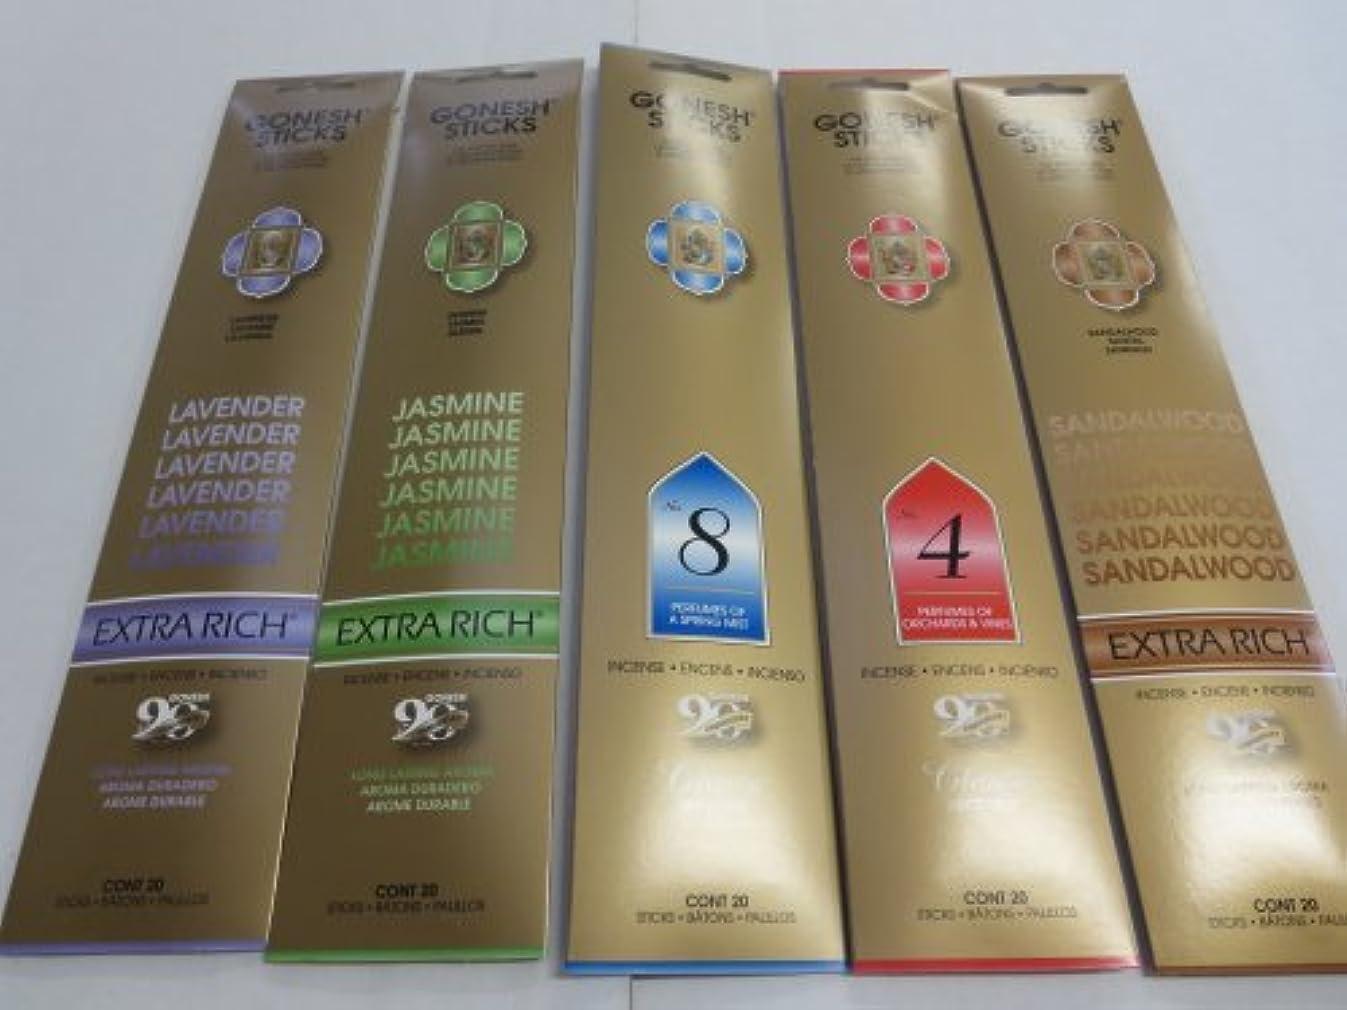 メンダシティアスリート防止Gonesh Incense Sticks Variety Value Pack (100 Sticks) Lavender/Sandalwood/Jasmine/Spring Mist/Orchard & Vines